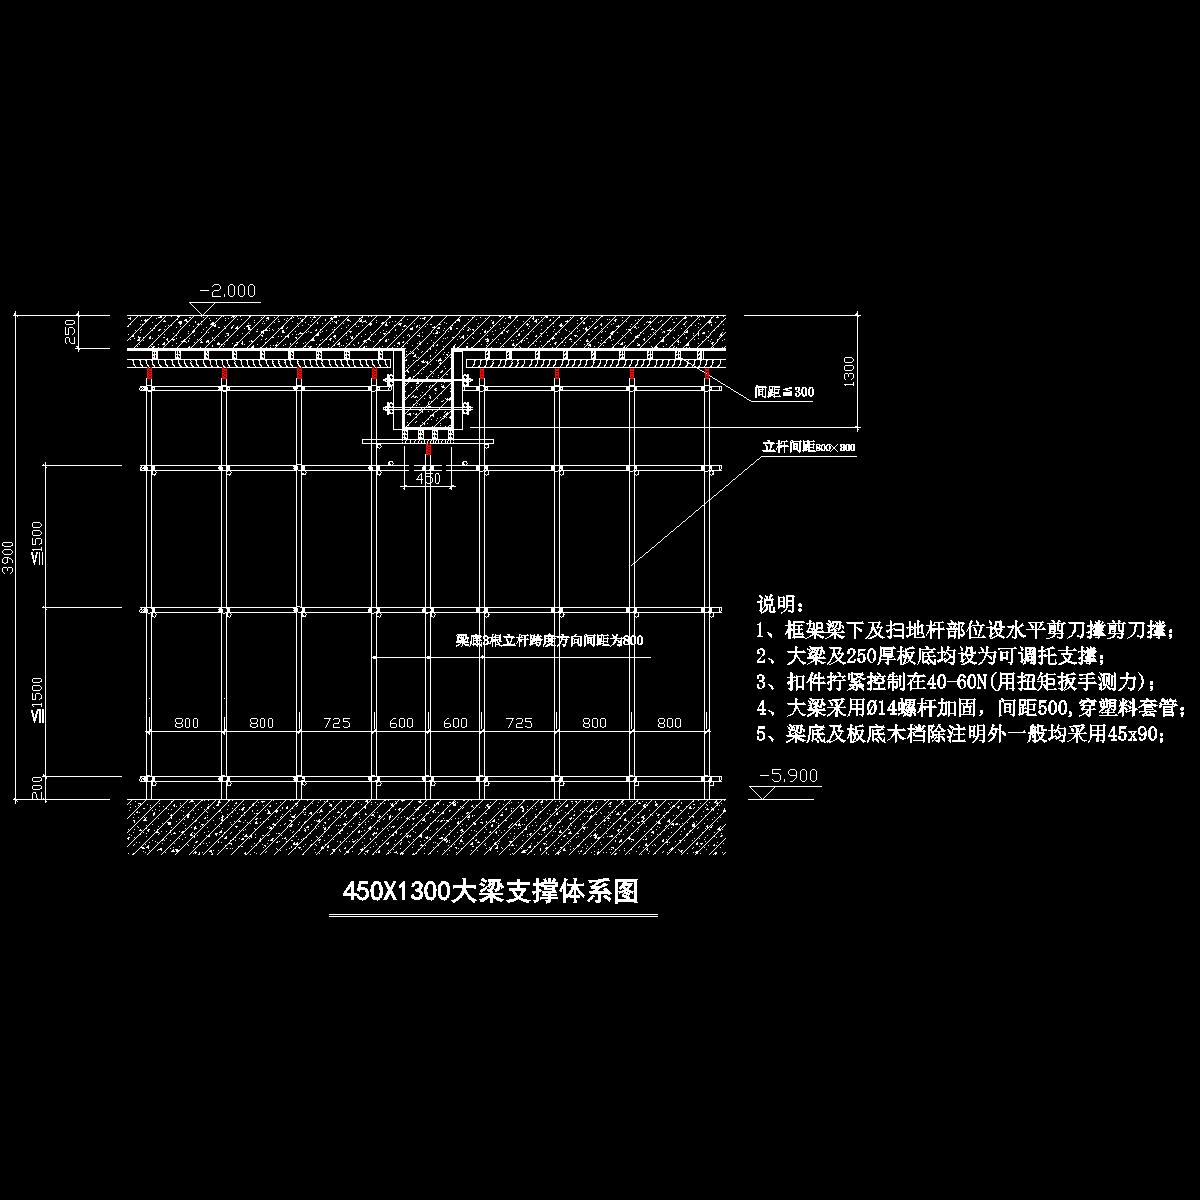 450x1300梁及250板高大模板支撑体系图.dwg